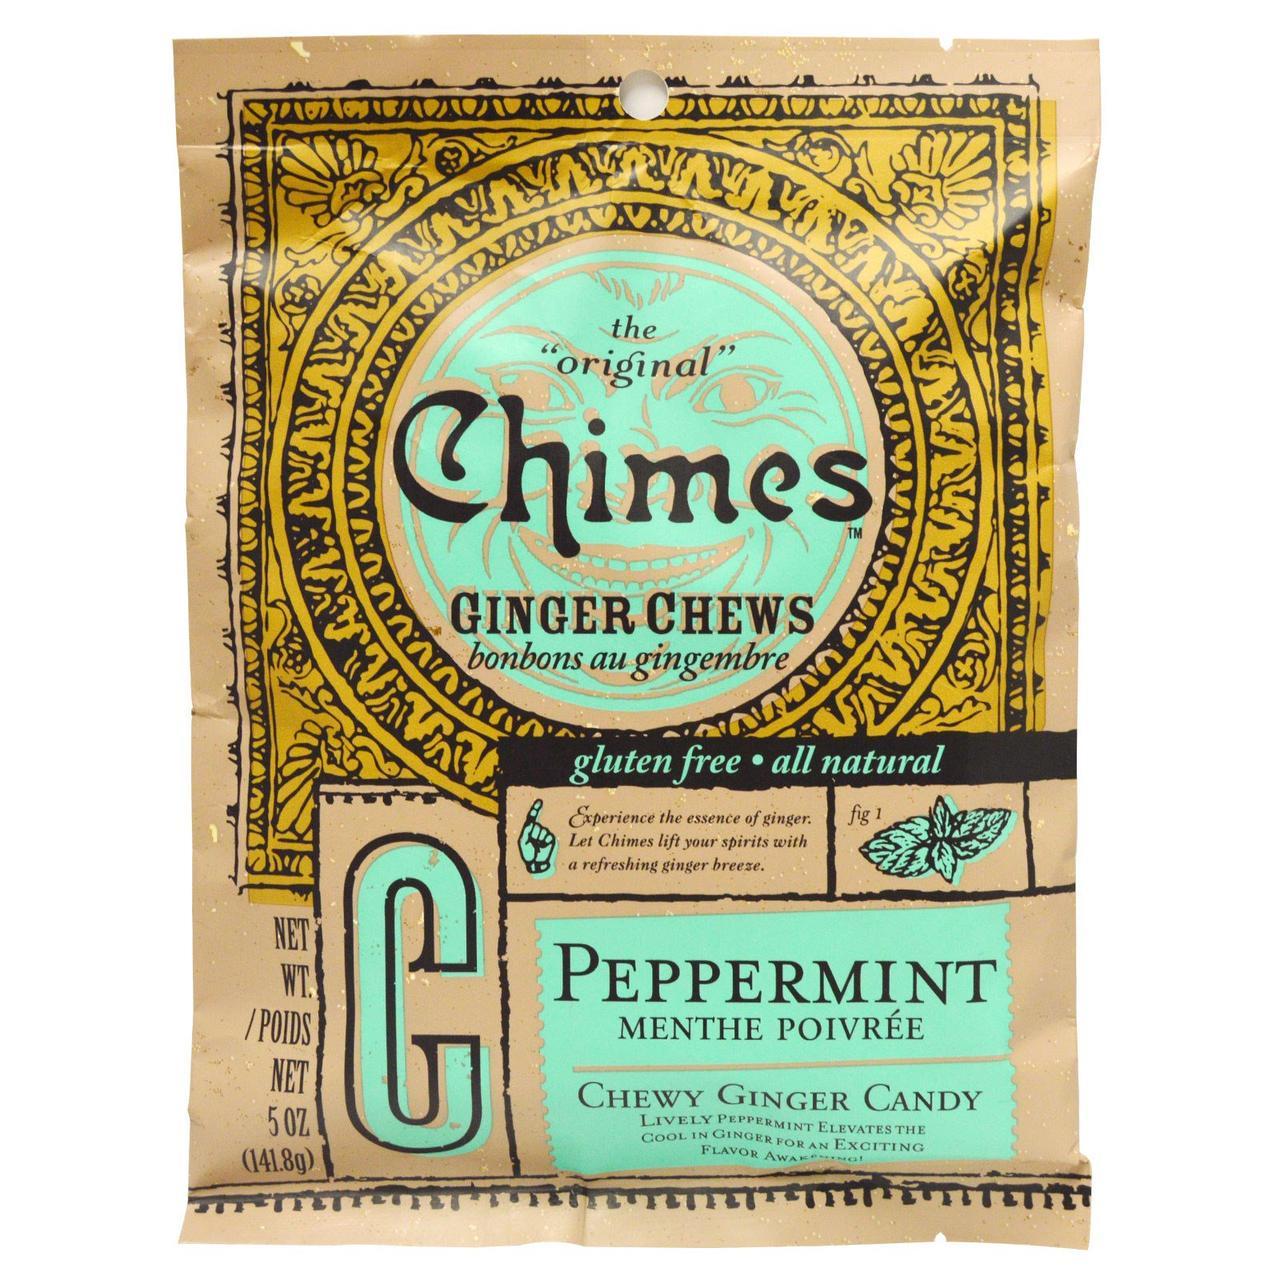 Імбирні жувальні цукерки з м'ятою, Ginger Chews, Chimes, 141,8 г